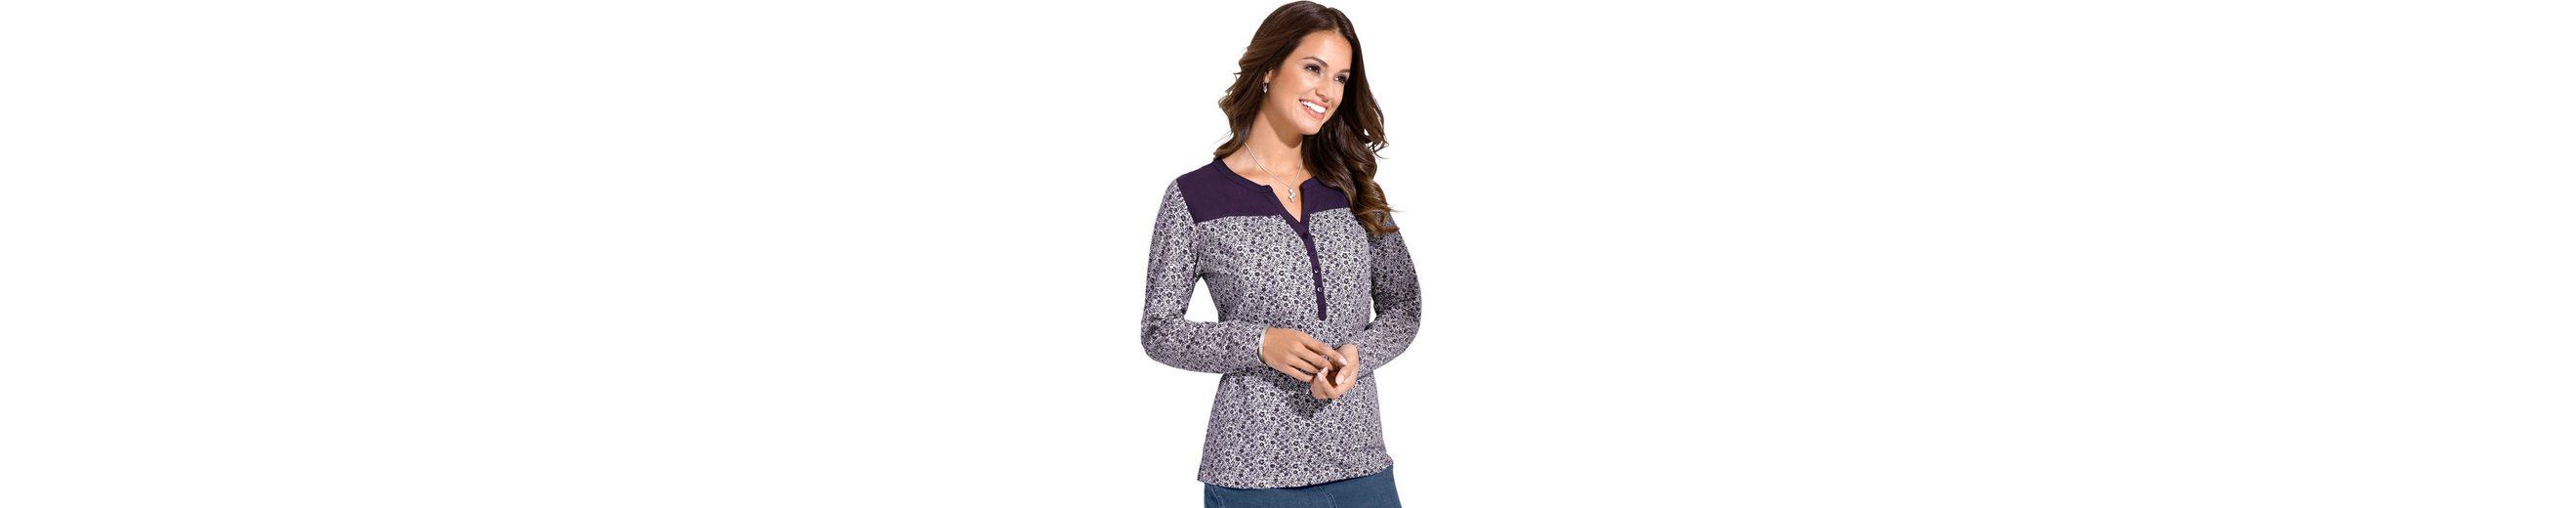 Low-Cost Online Finden Online-Großen Verkauf Classic Inspirationen Shirt im Millefleurs-Dessin Billig Klassisch Spielraum 2018 Unisex Wahl 7f3Qa